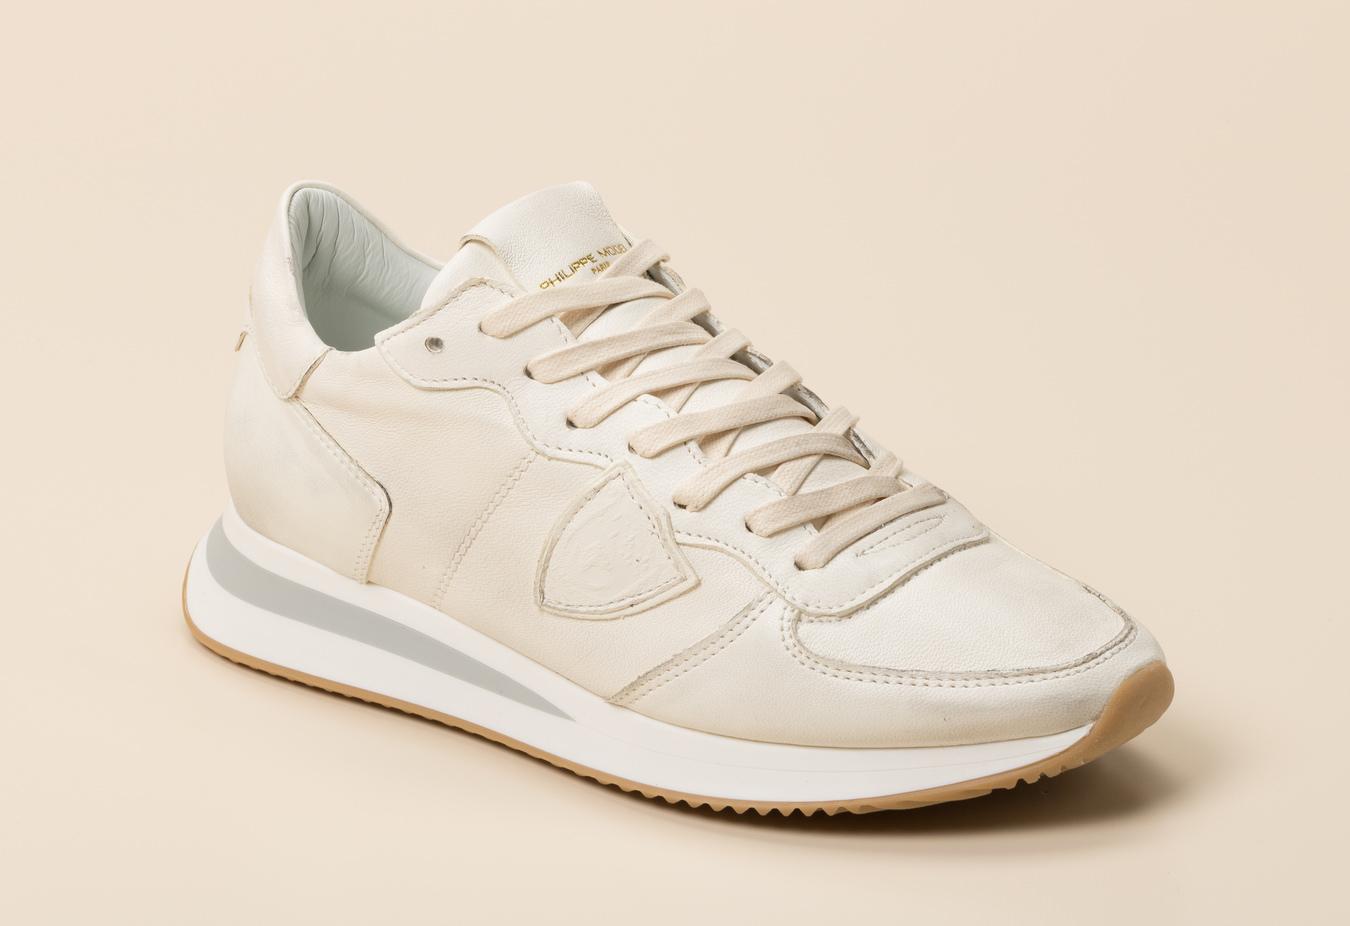 Philippe Model Paris Damen Sneaker in weiß kaufen | Zumnorde Online Shop